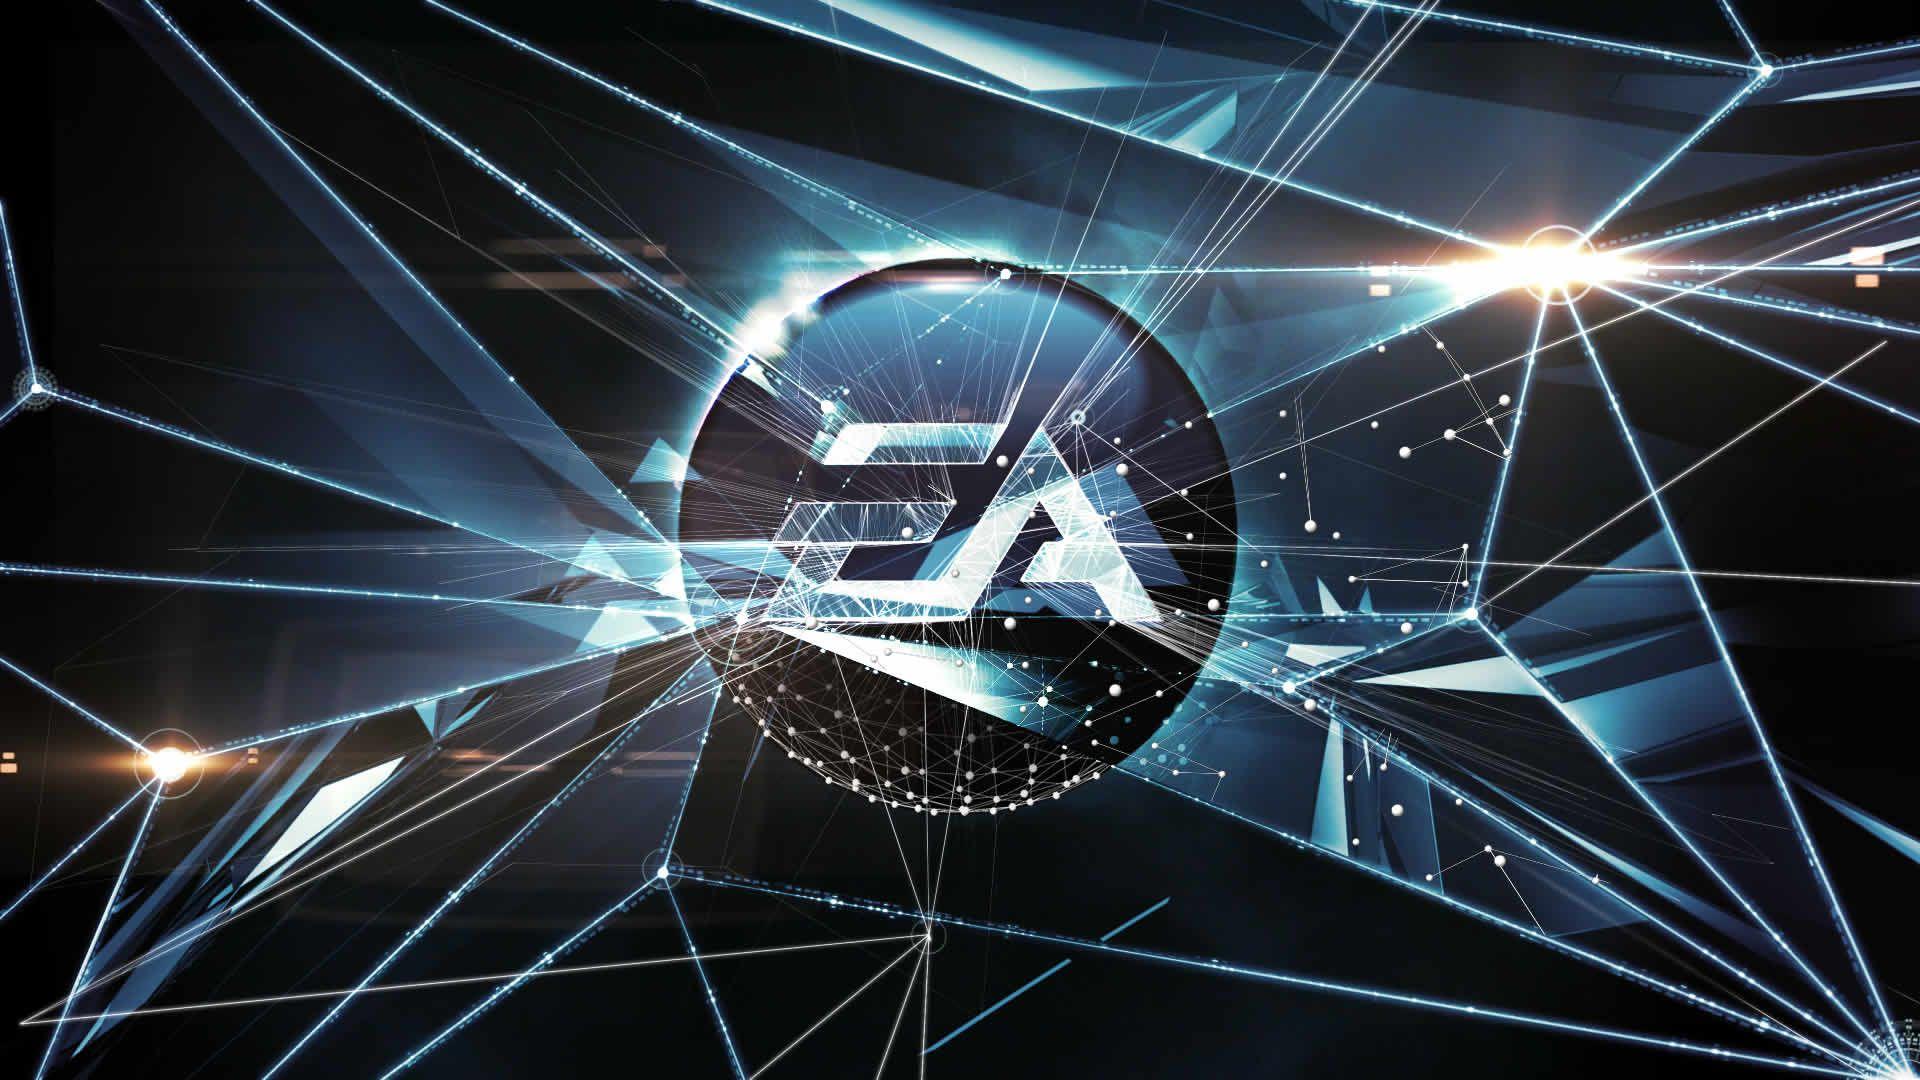 Gamescom: confira tudo que rolou na conferência da EA #ea #gamescom #eagamescom #gamescomea #FFCultural #FFCulturalJogos #gamescom2014